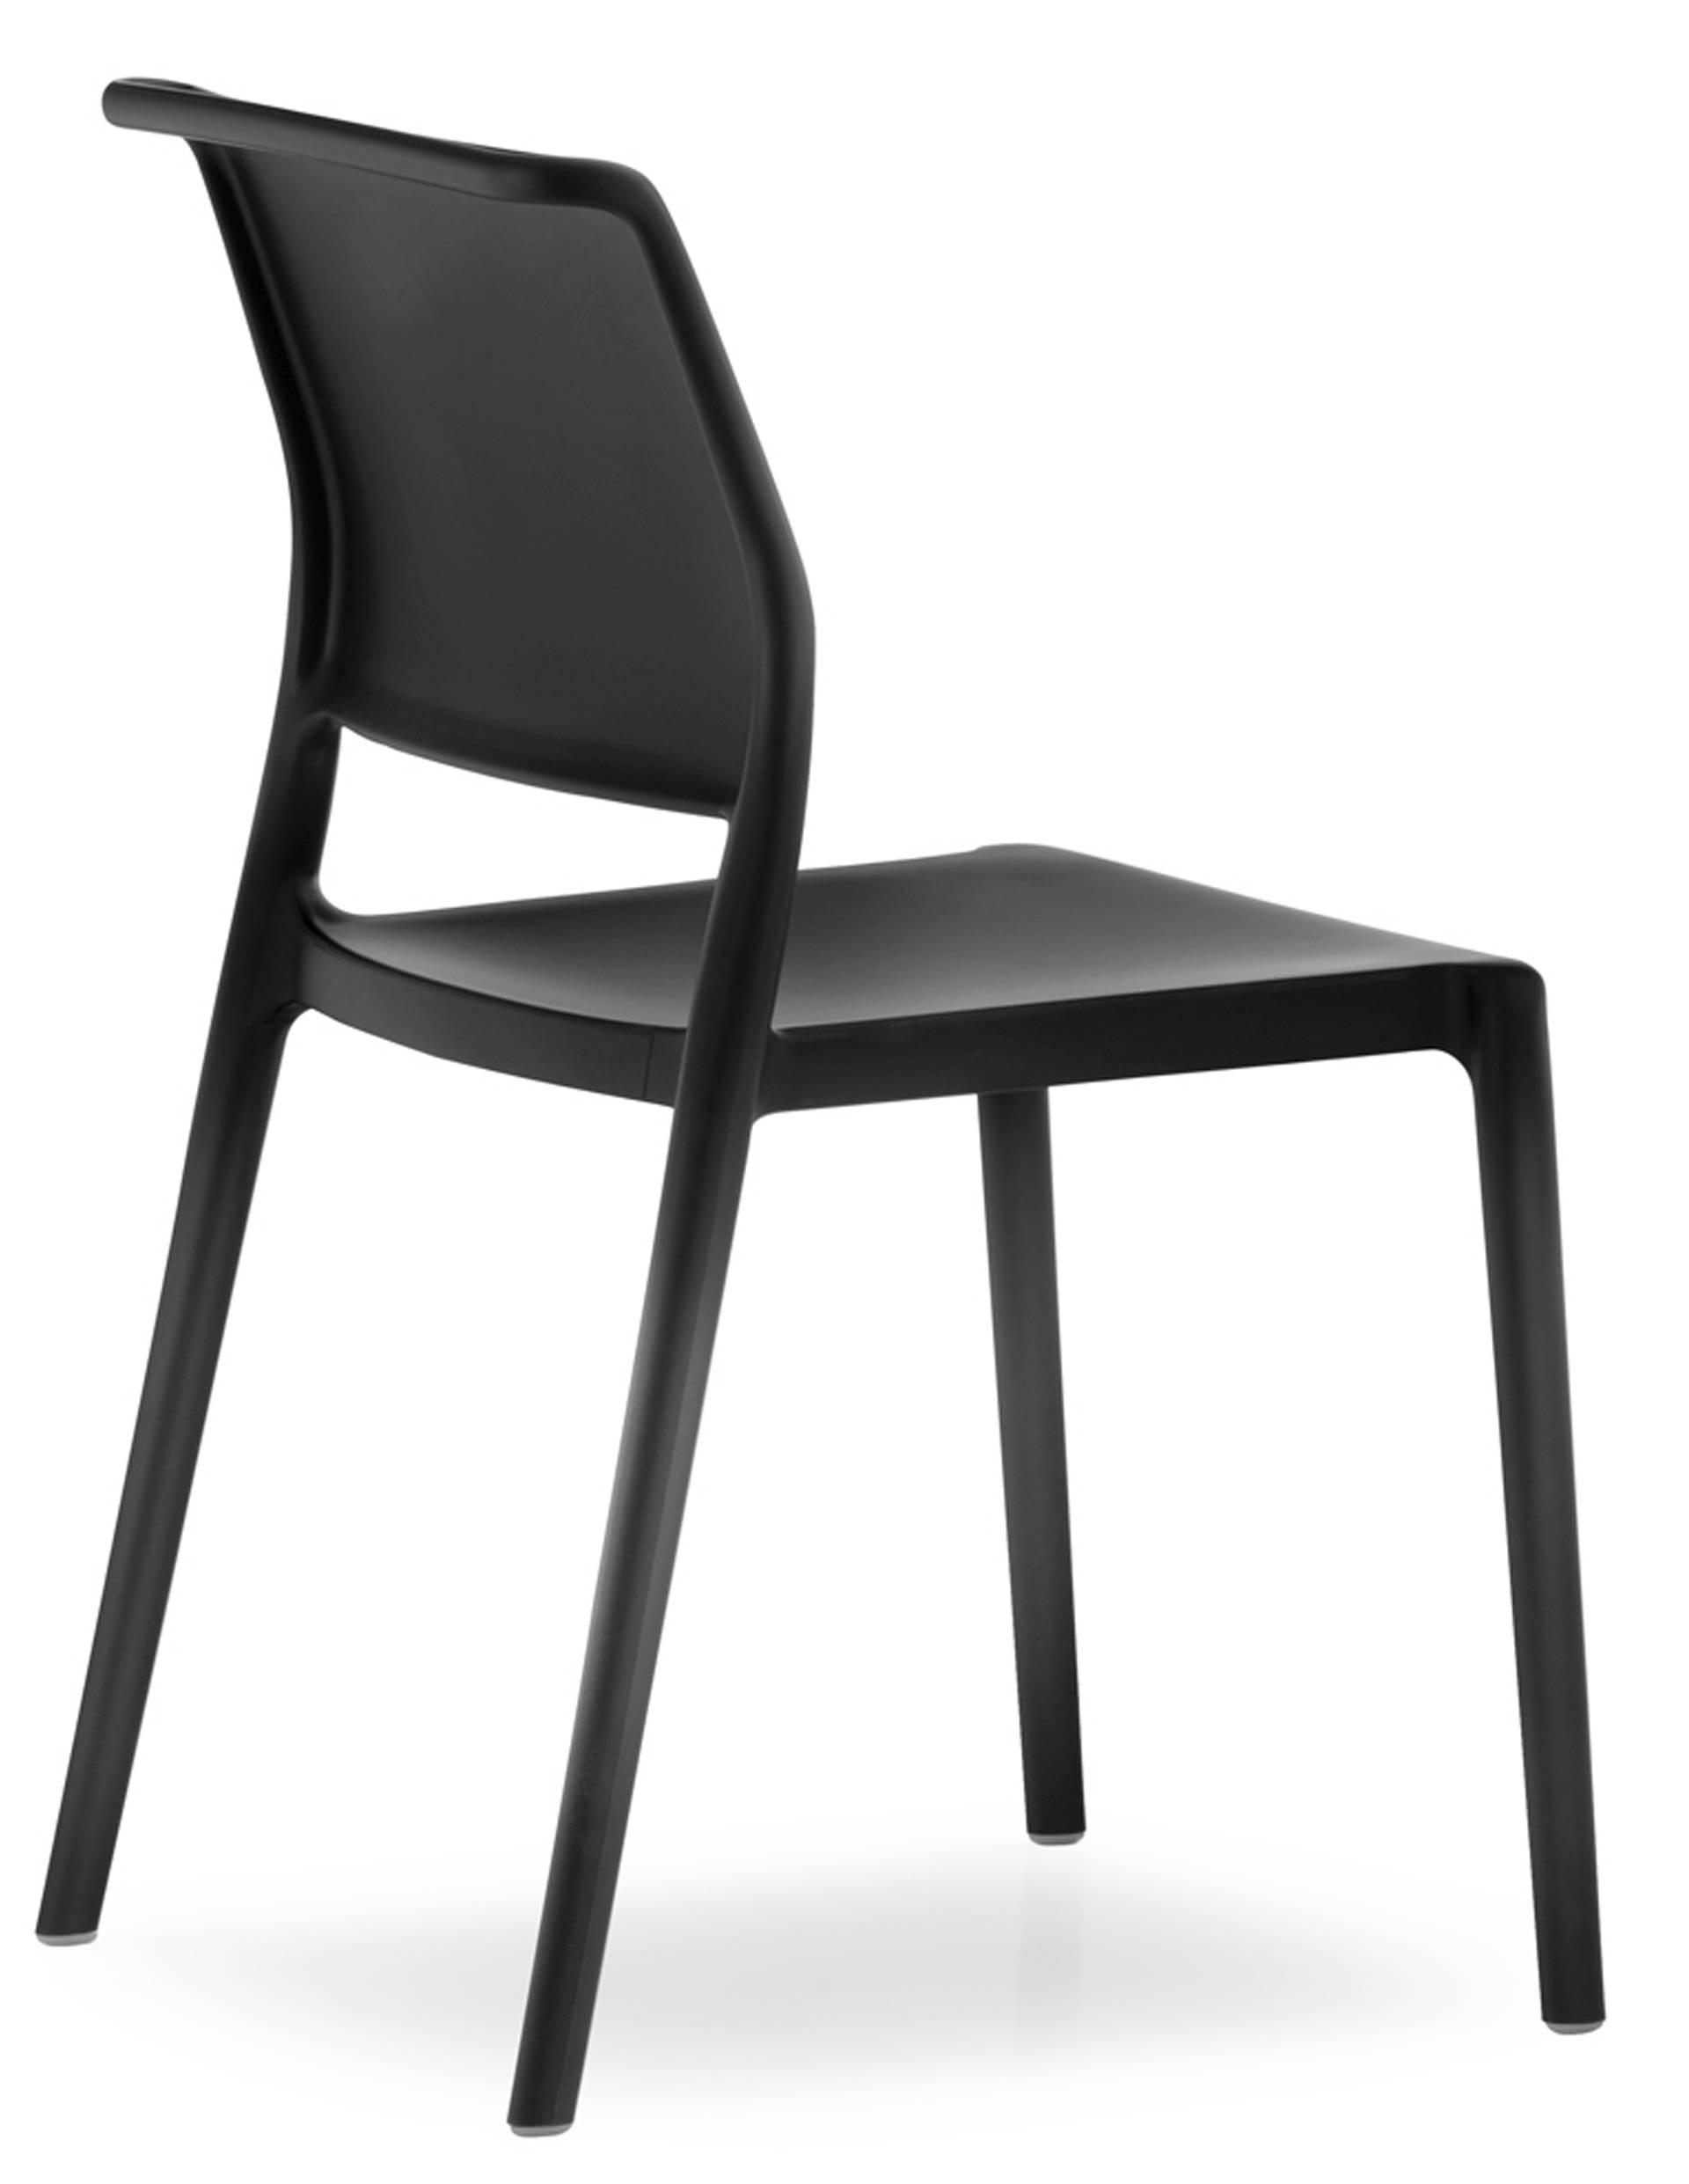 Krzesło wodoodporne ARA 310 Pedrali